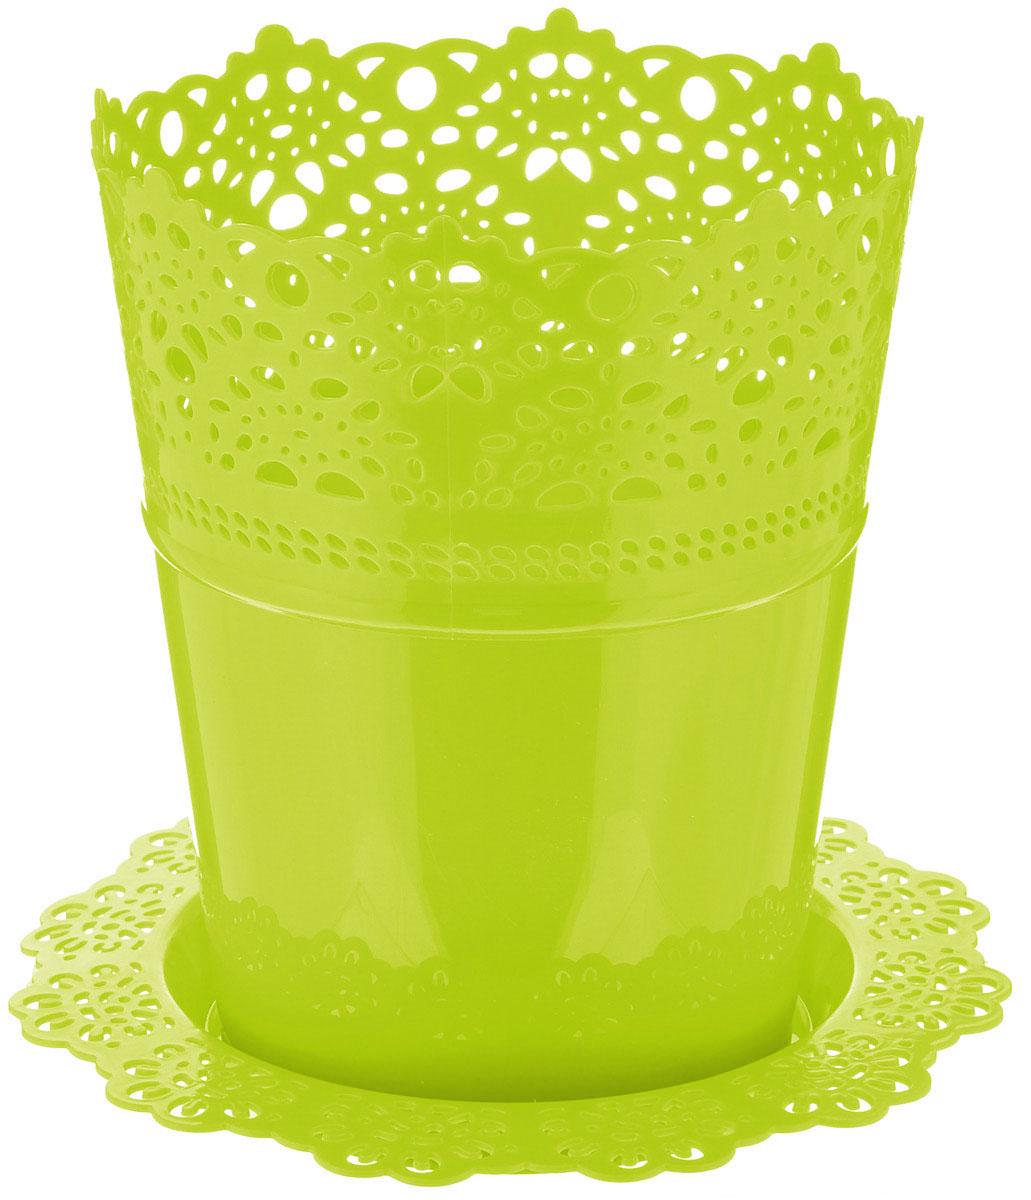 Кашпо Idea Ажур, с подставкой, цвет: салатовый, диаметр 15 см531-401Кашпо Idea Ажур изготовлено из полипропилена (пластика). Специальная подставка предназначена для стока воды. Верх изделия и подставка оформлены перфорацией, напоминающей кружево. Изделие прекрасно подходит для выращивания растений и цветов в домашних условиях. Диаметр подставки: 19 см.